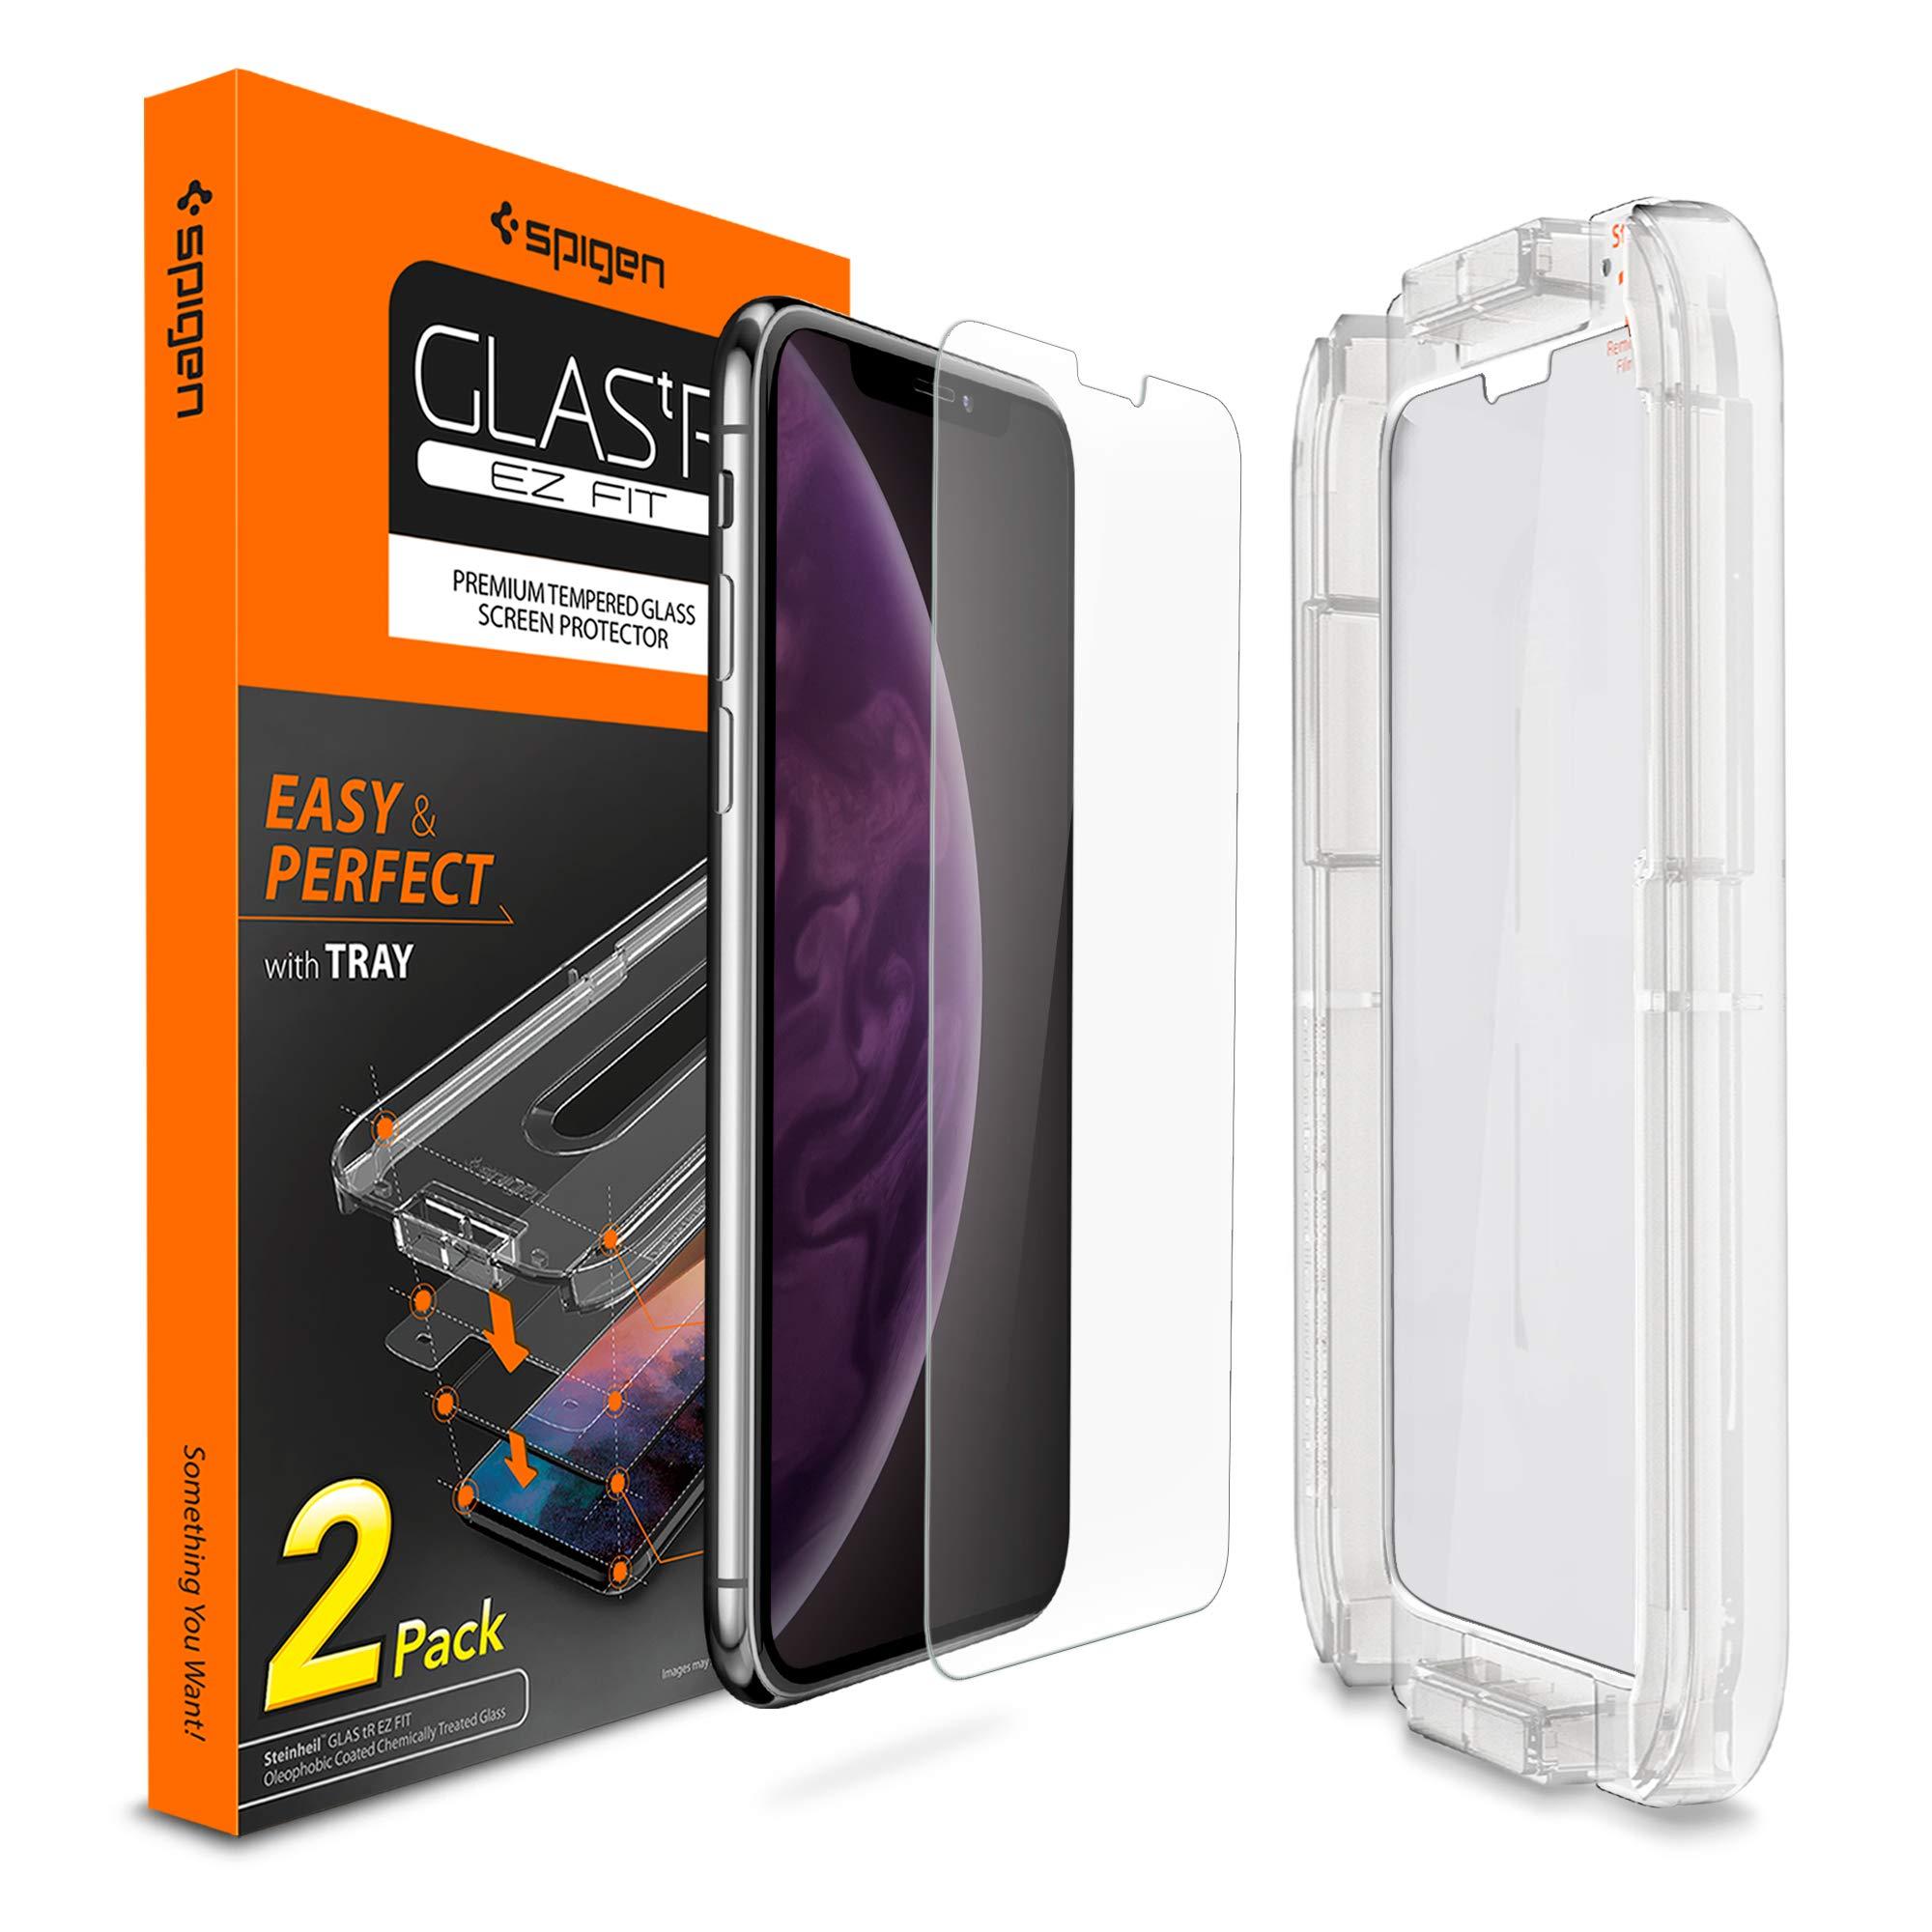 Vidrio Templado Sensor Prot. Spigen P/ iPhone Xs Max X 2